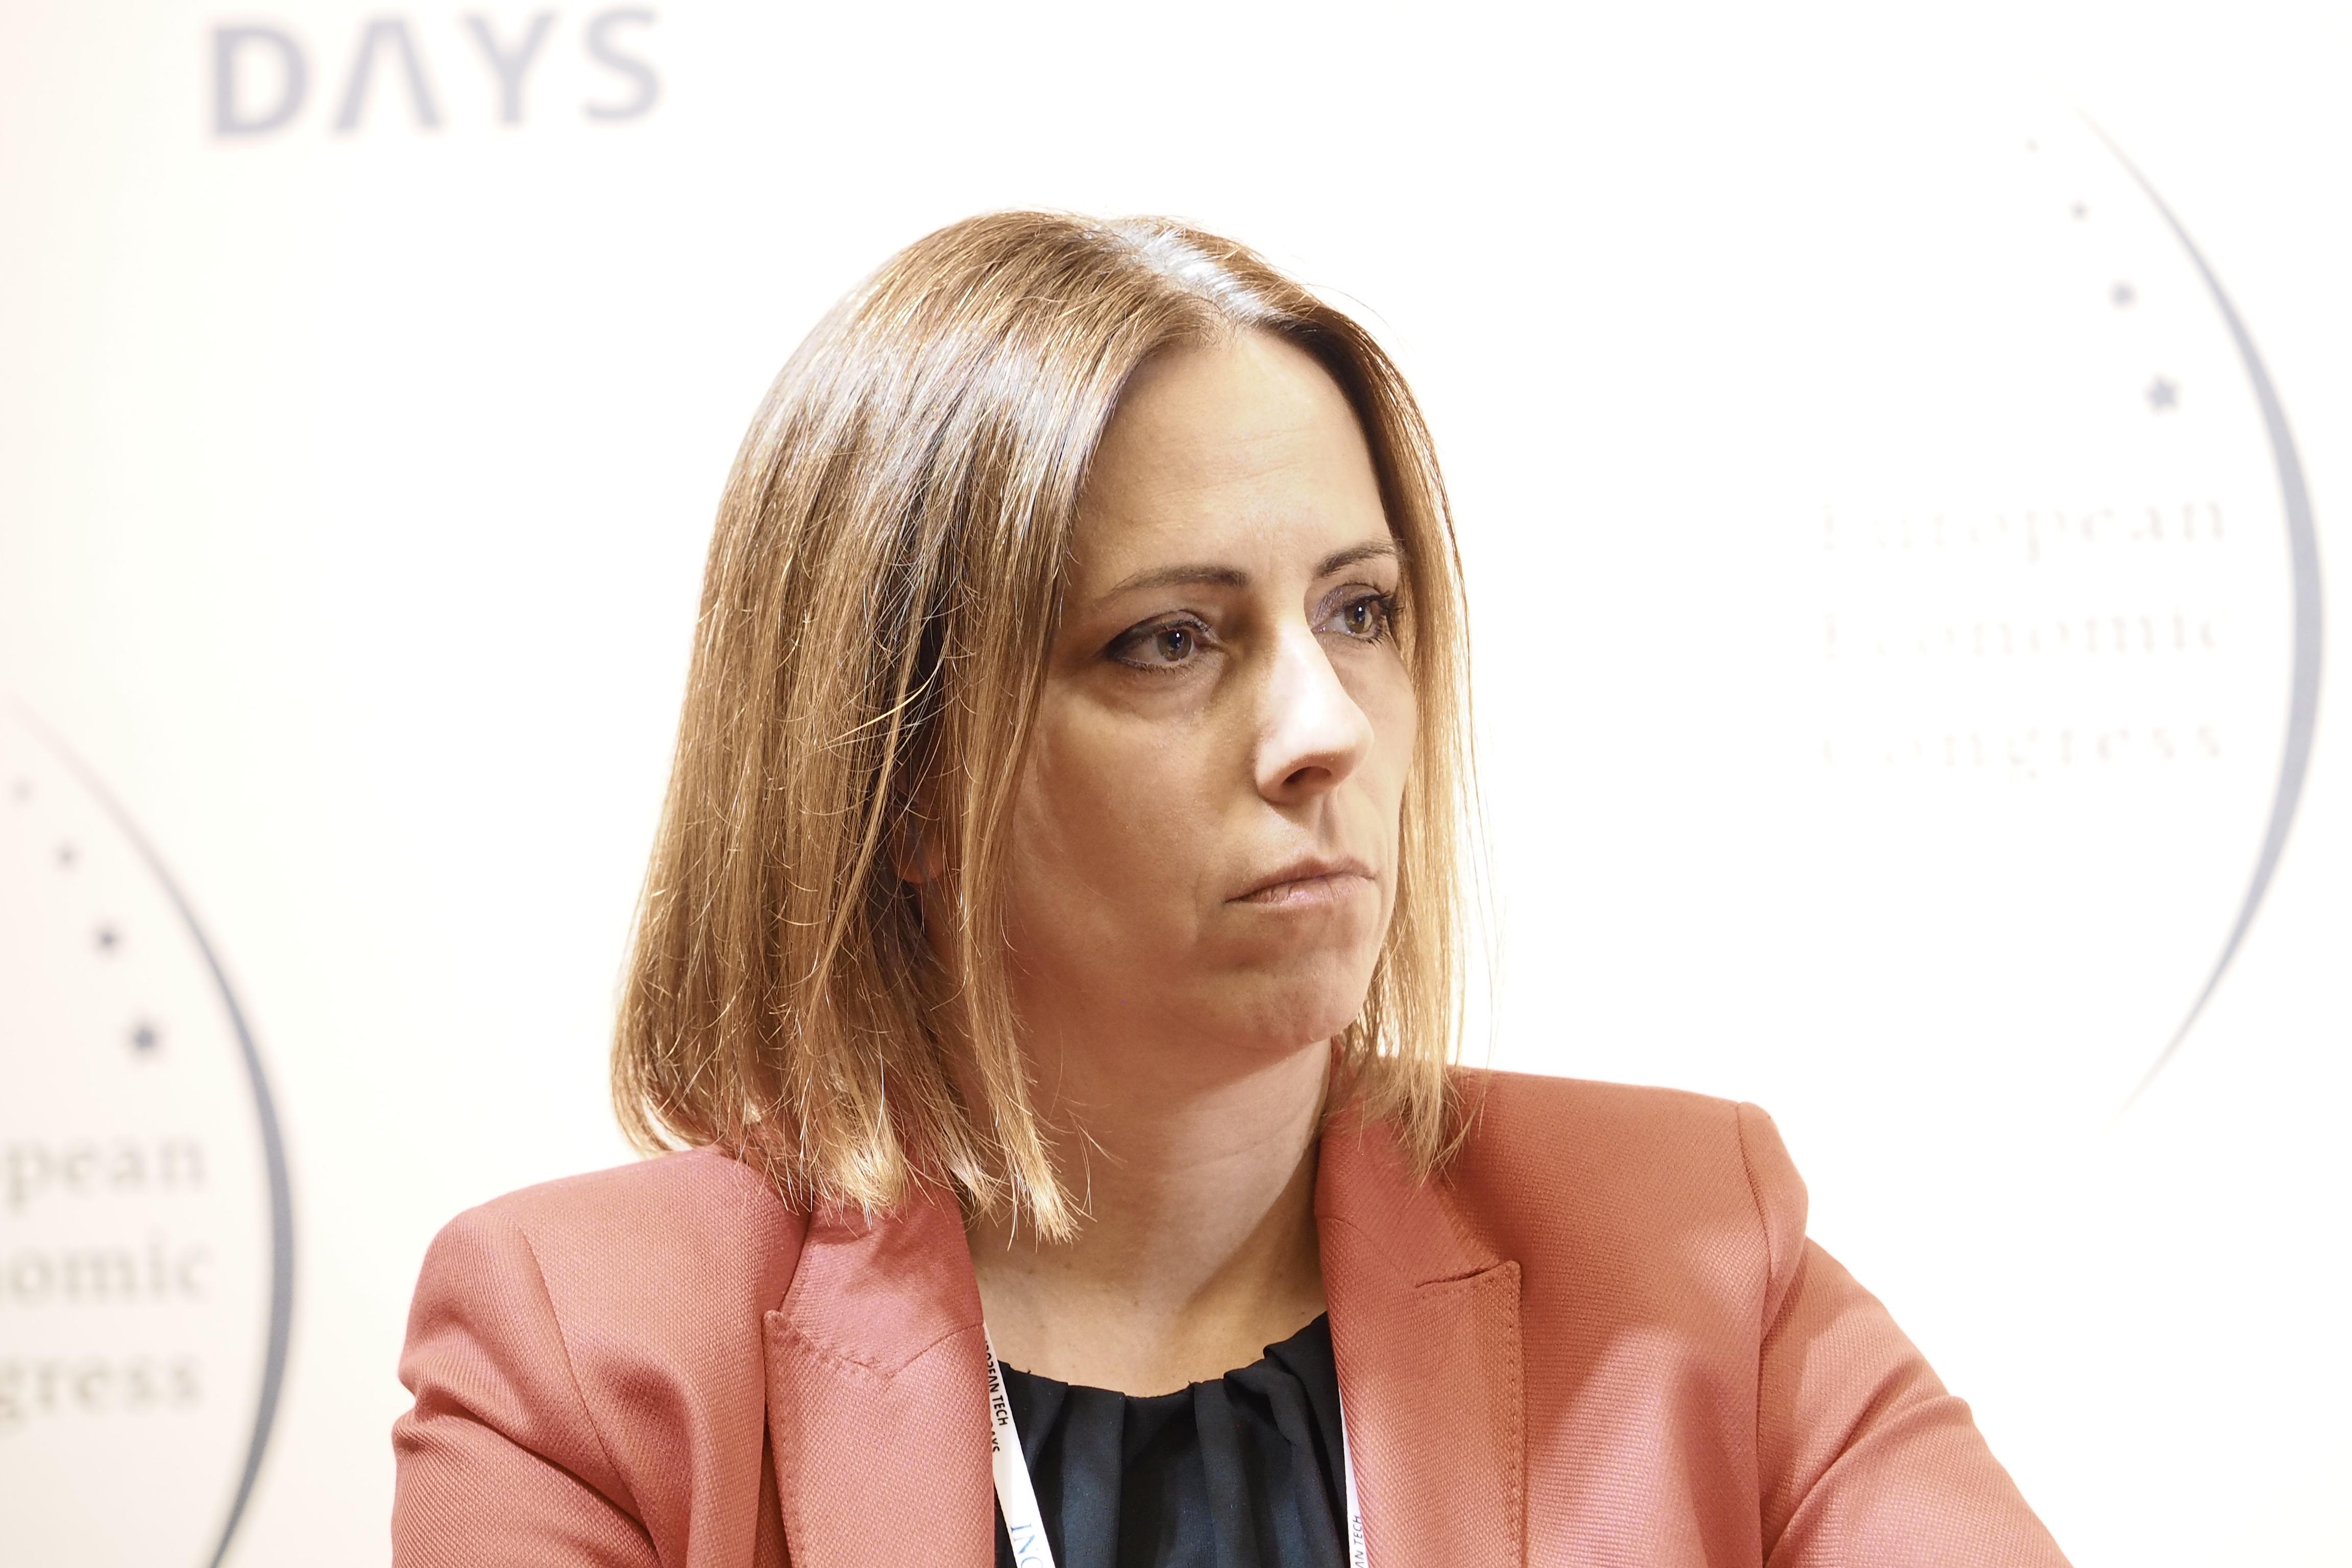 Wiceprezes zarządu Maxima Fides Sp. z o.o. Magdalena Wojtczak (Fot. PTWP)